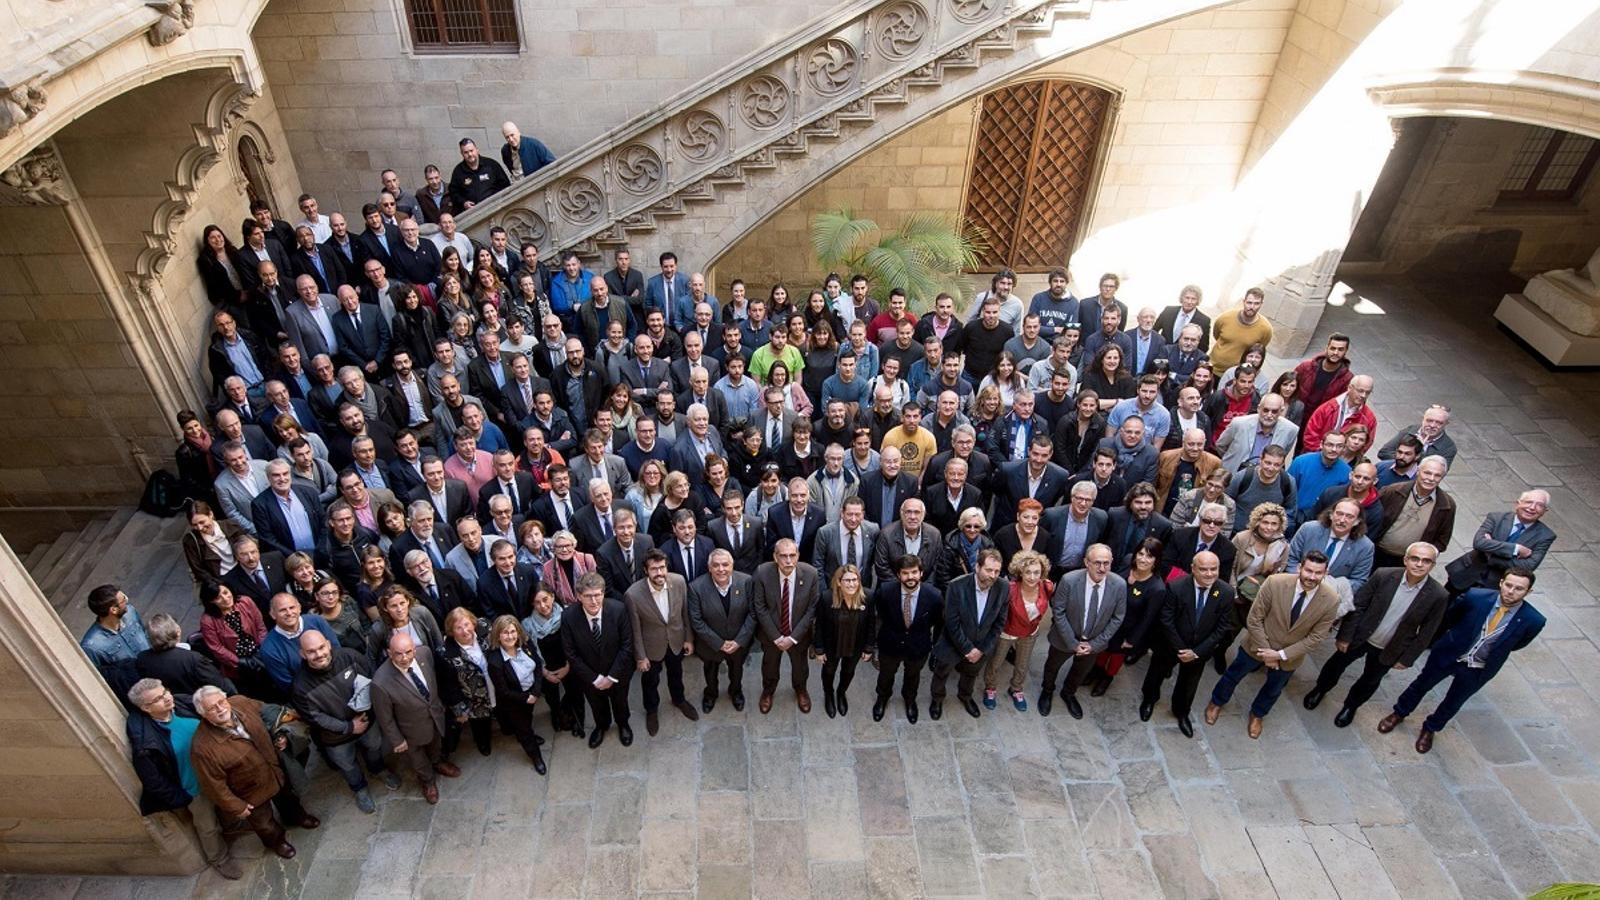 Els representants del sector esportiu s'han reunit a la Generalitat